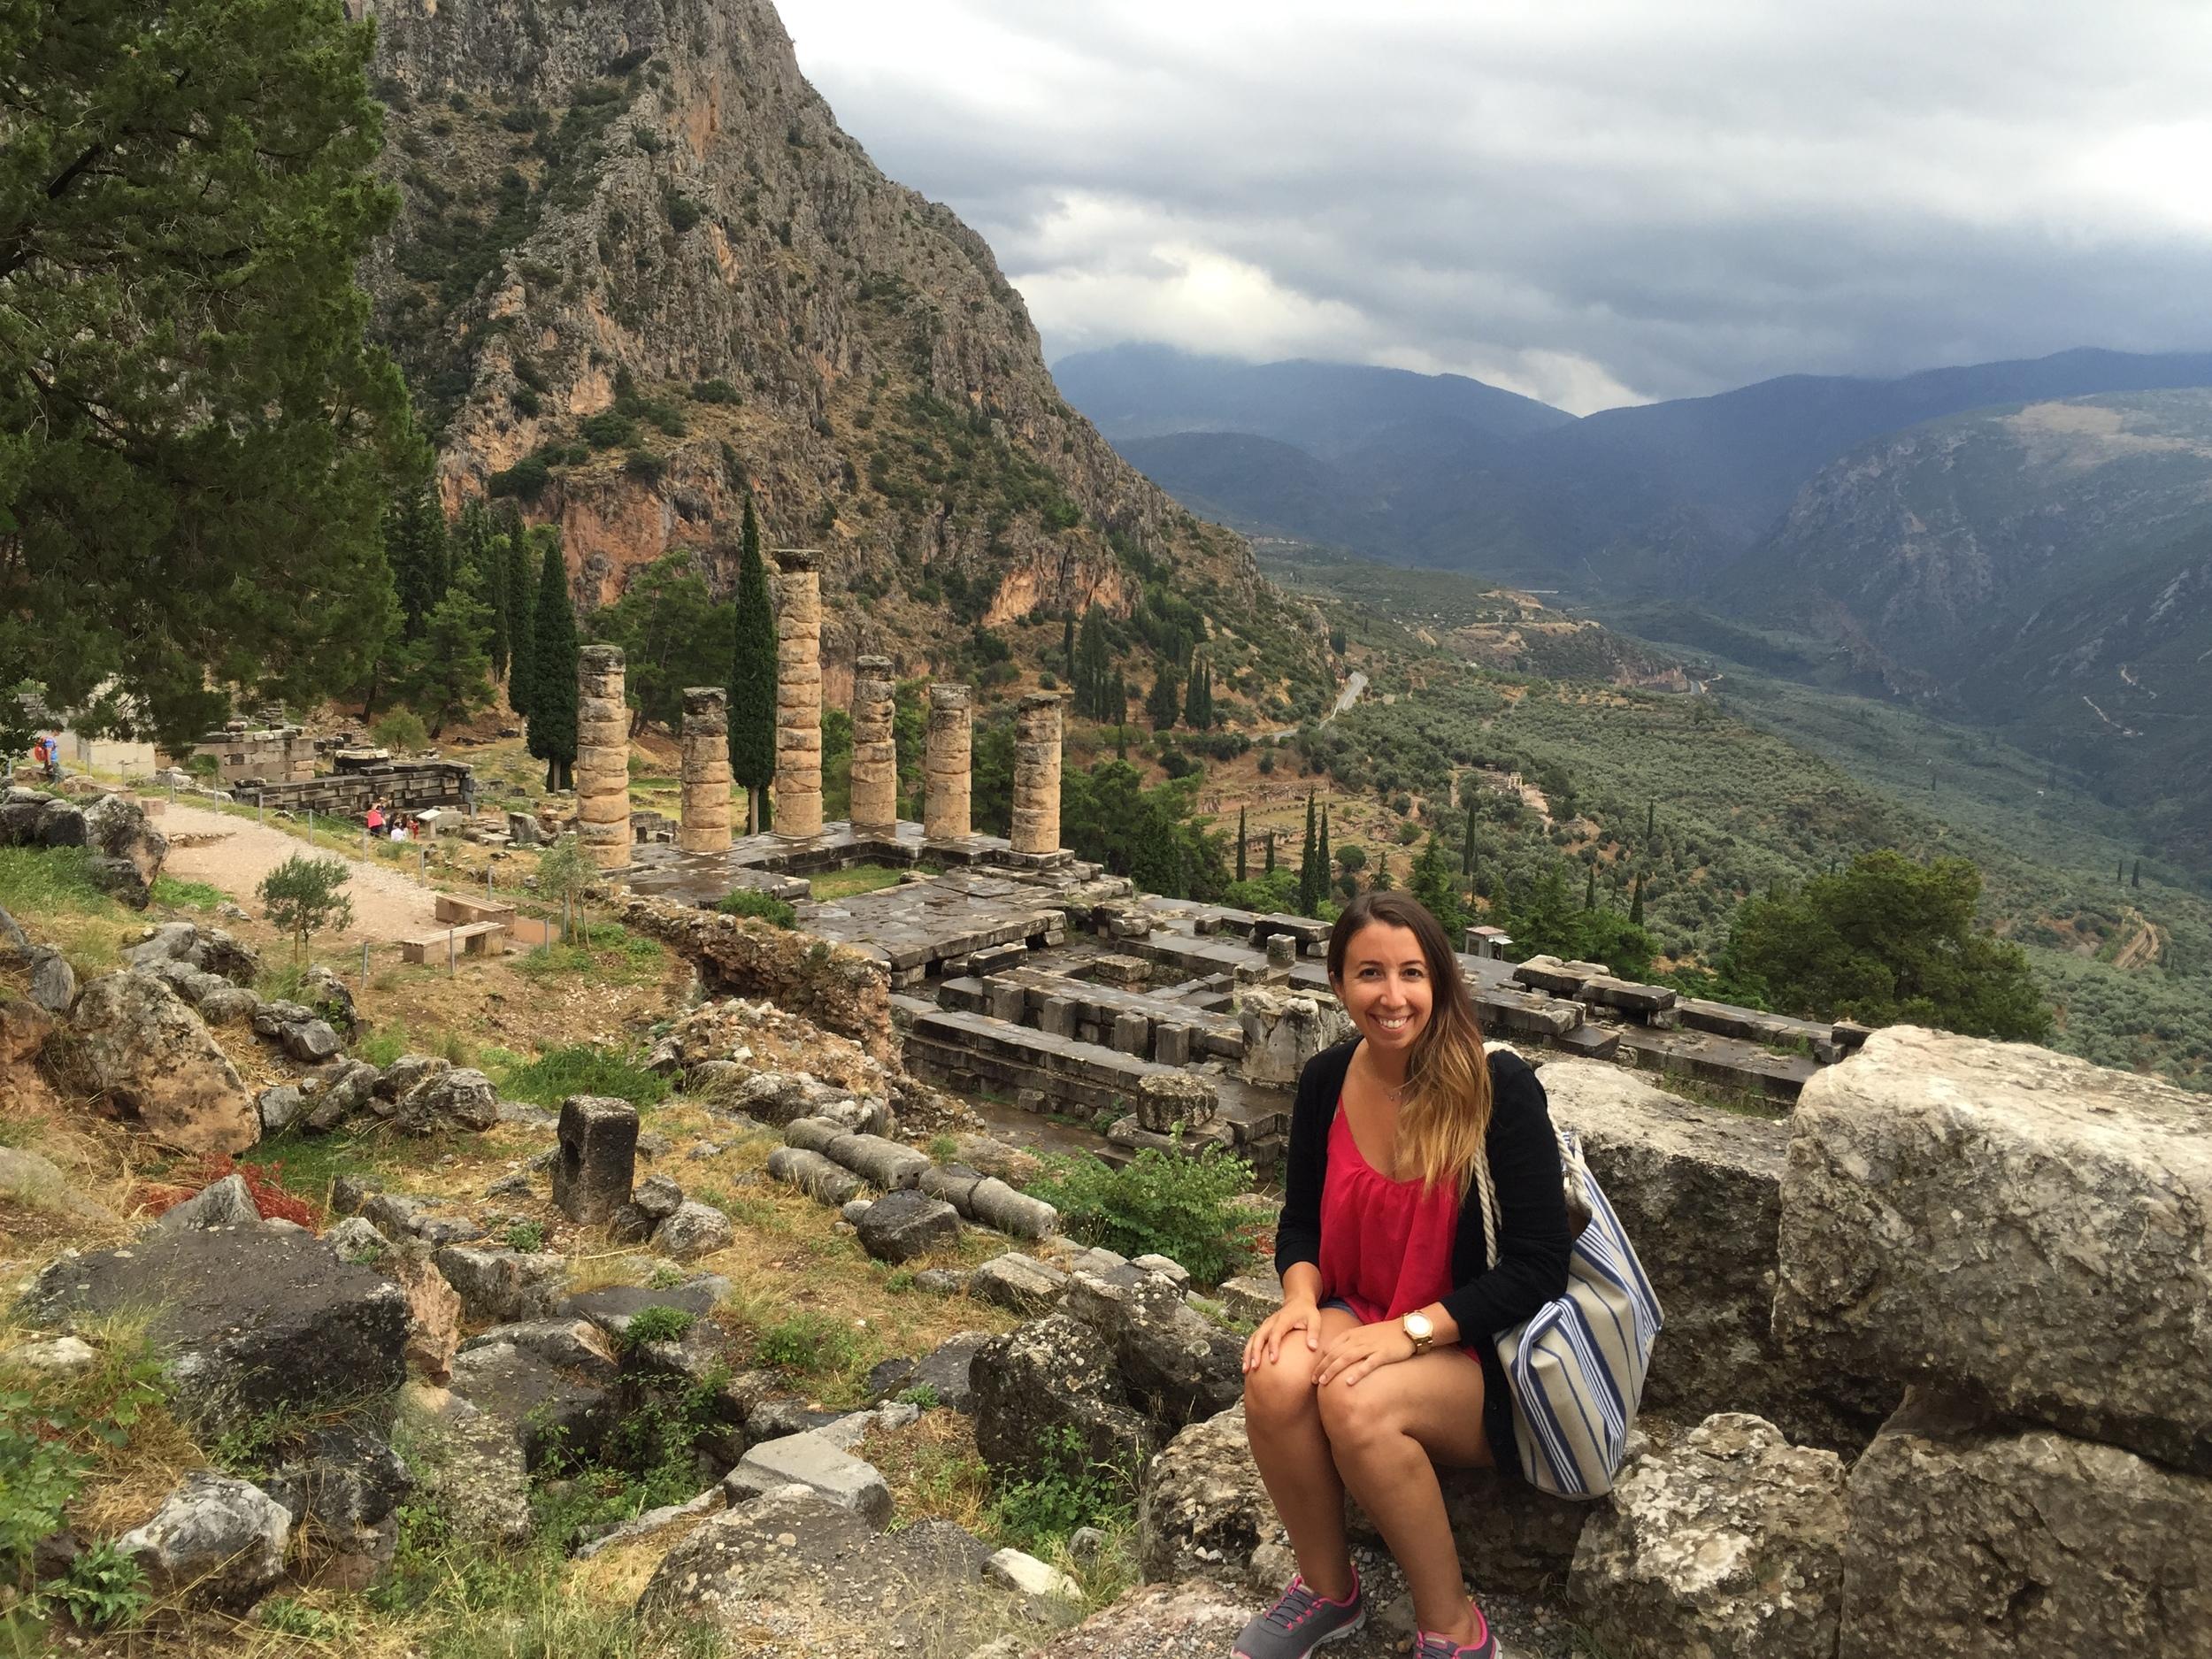 Here I am at the Temple of Apollo, Delphi.